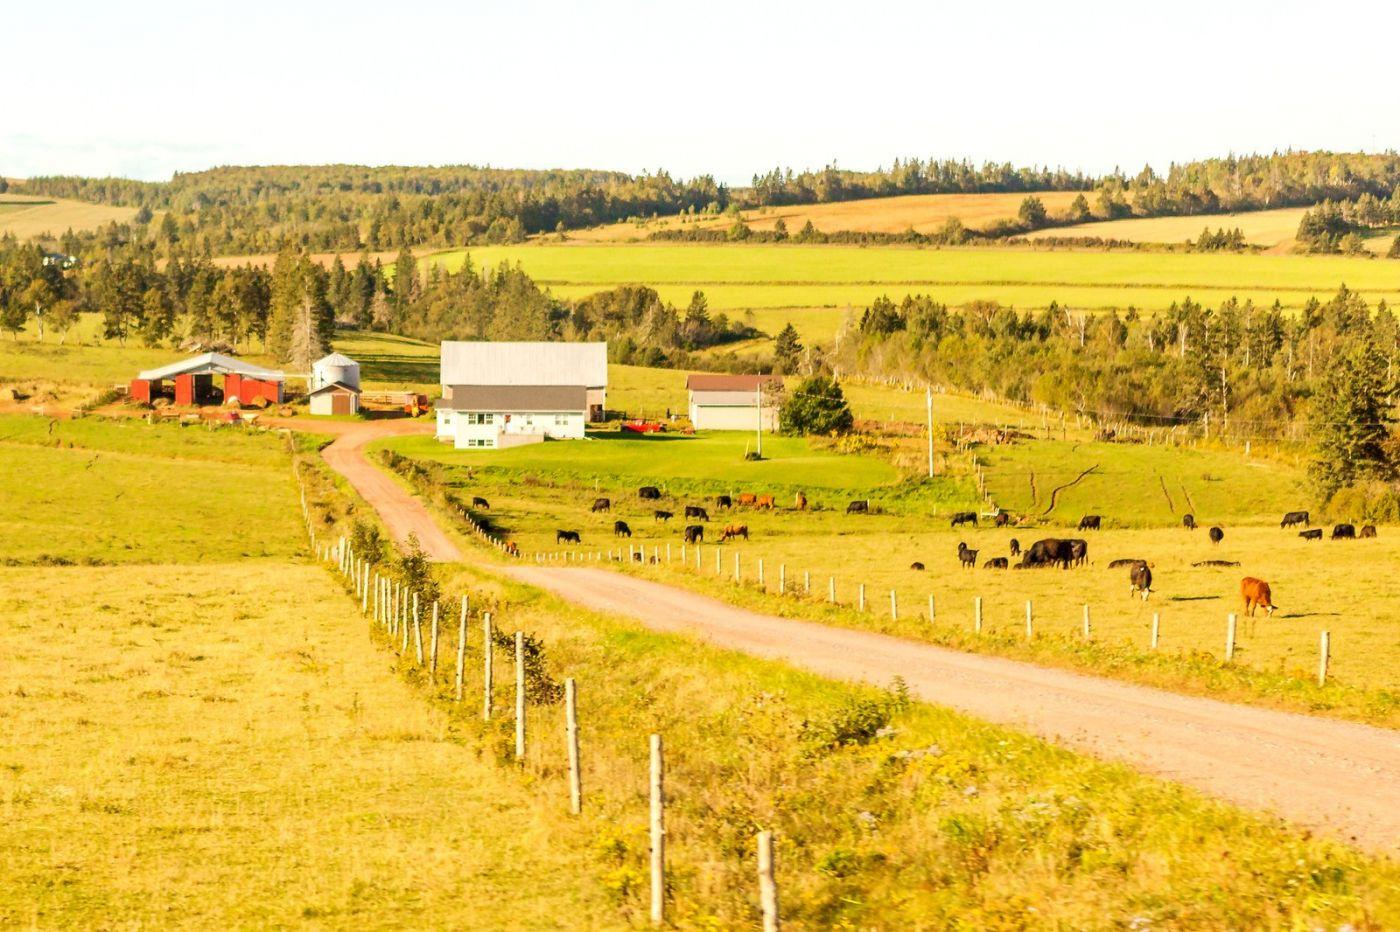 加拿大旅途,乡村的幸福生活_图1-22